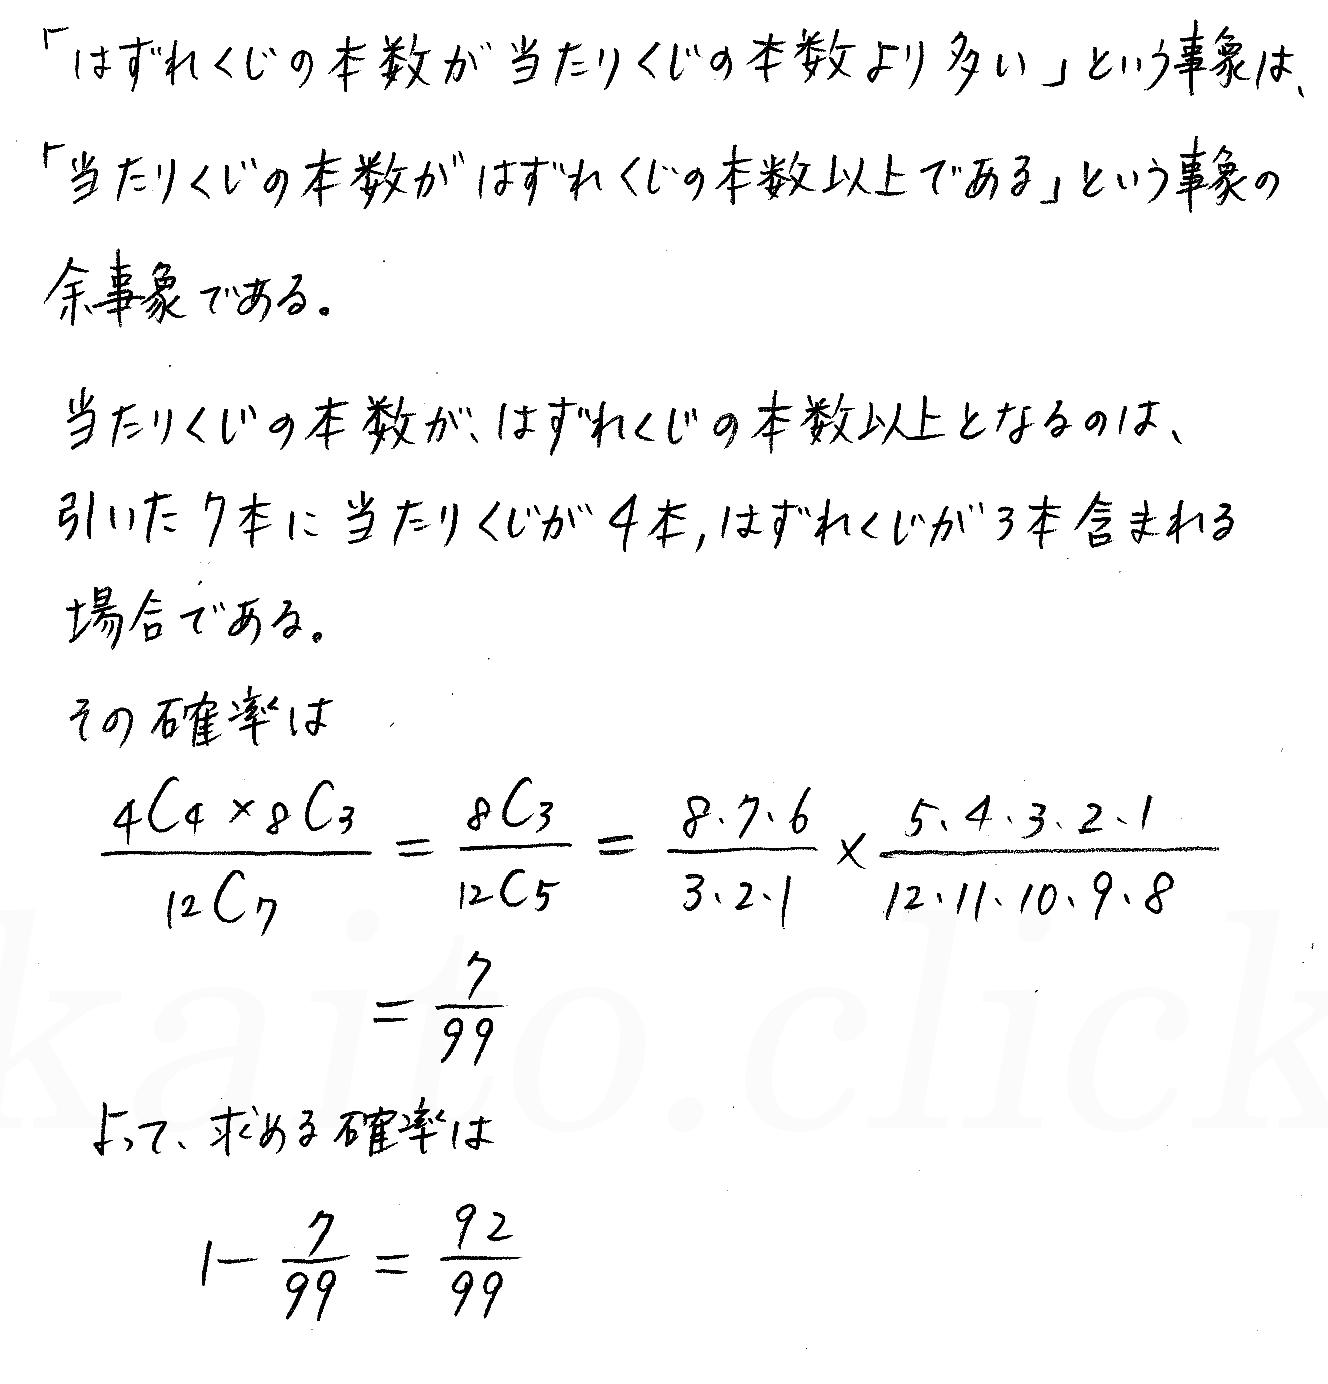 クリアー数学A-99解答